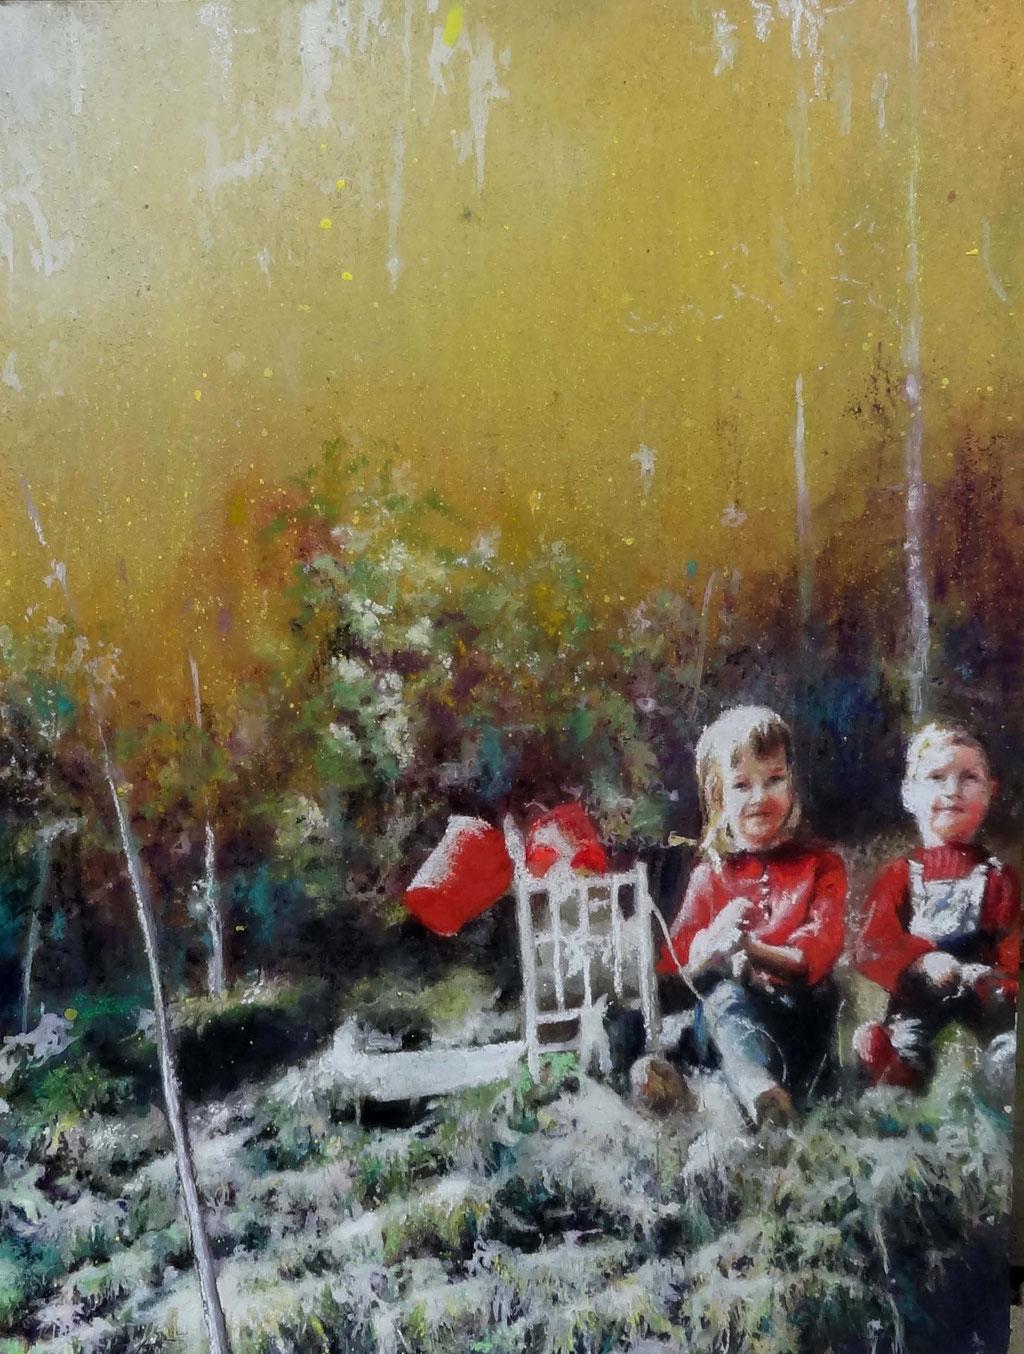 Ohne Titel, Pastellkreiden und Spraylack auf MDF Platte, 80 x 60 cm, 2014